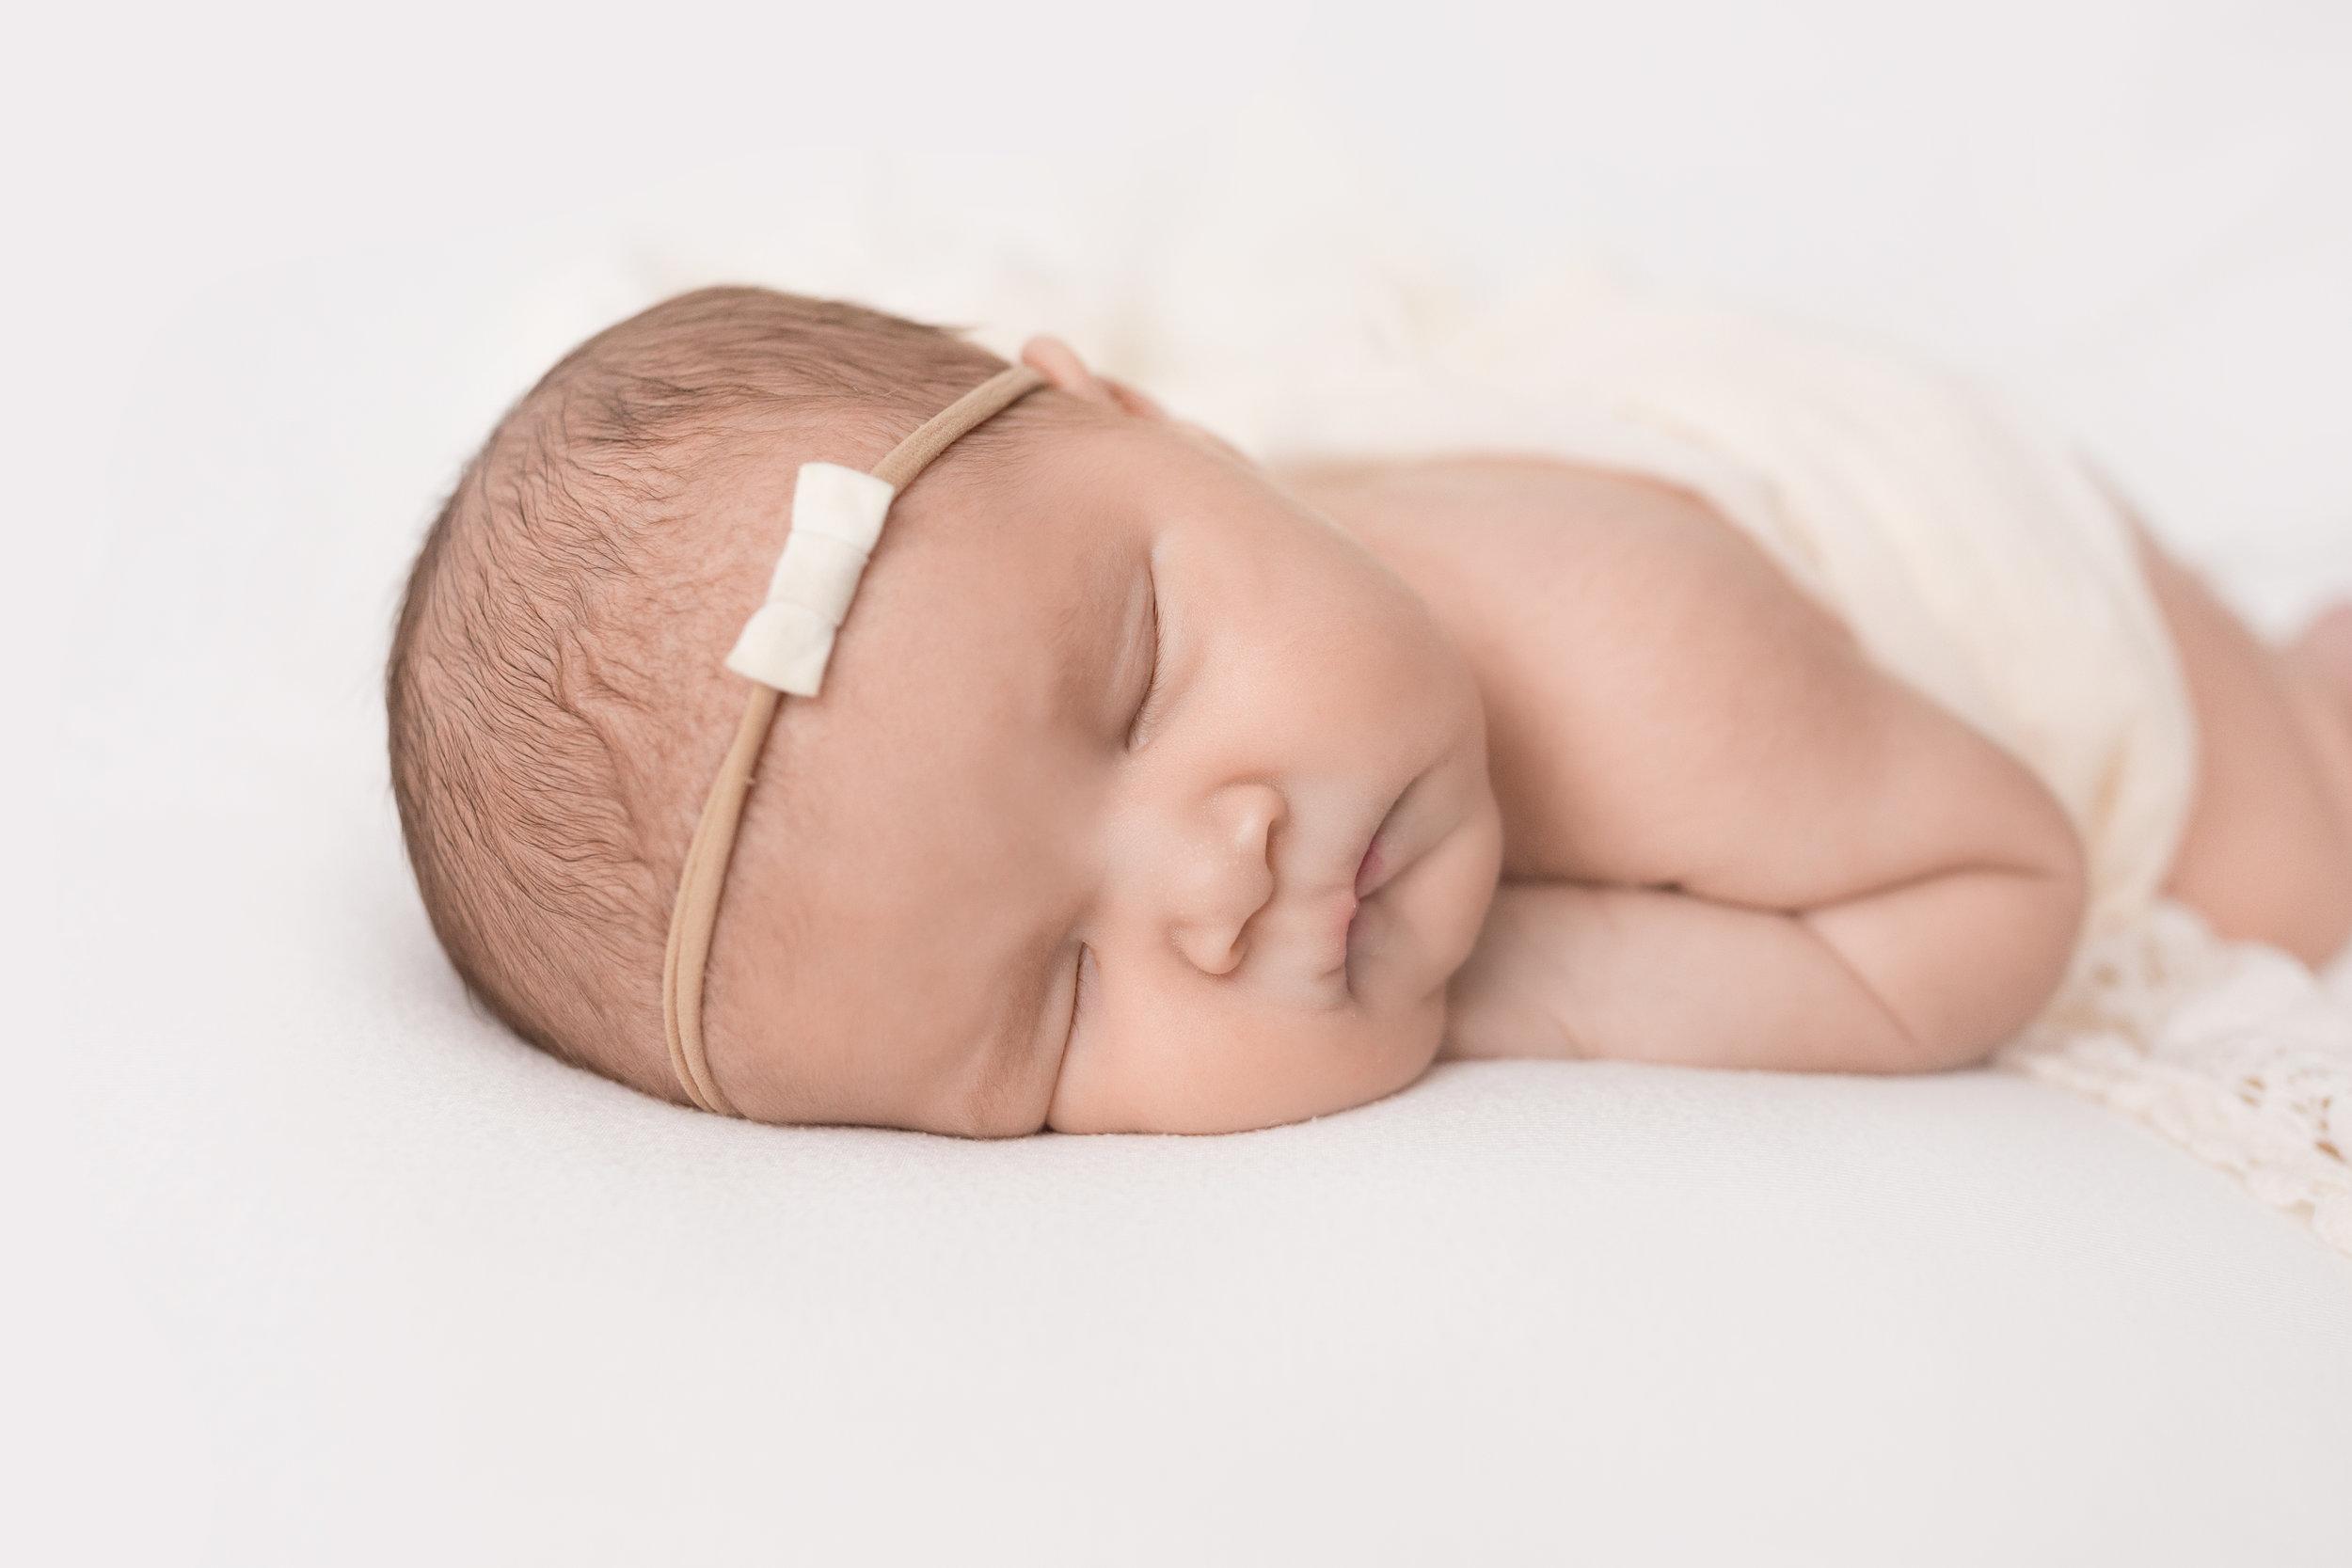 Austen s Newborn Photos-Austen-0016.jpg